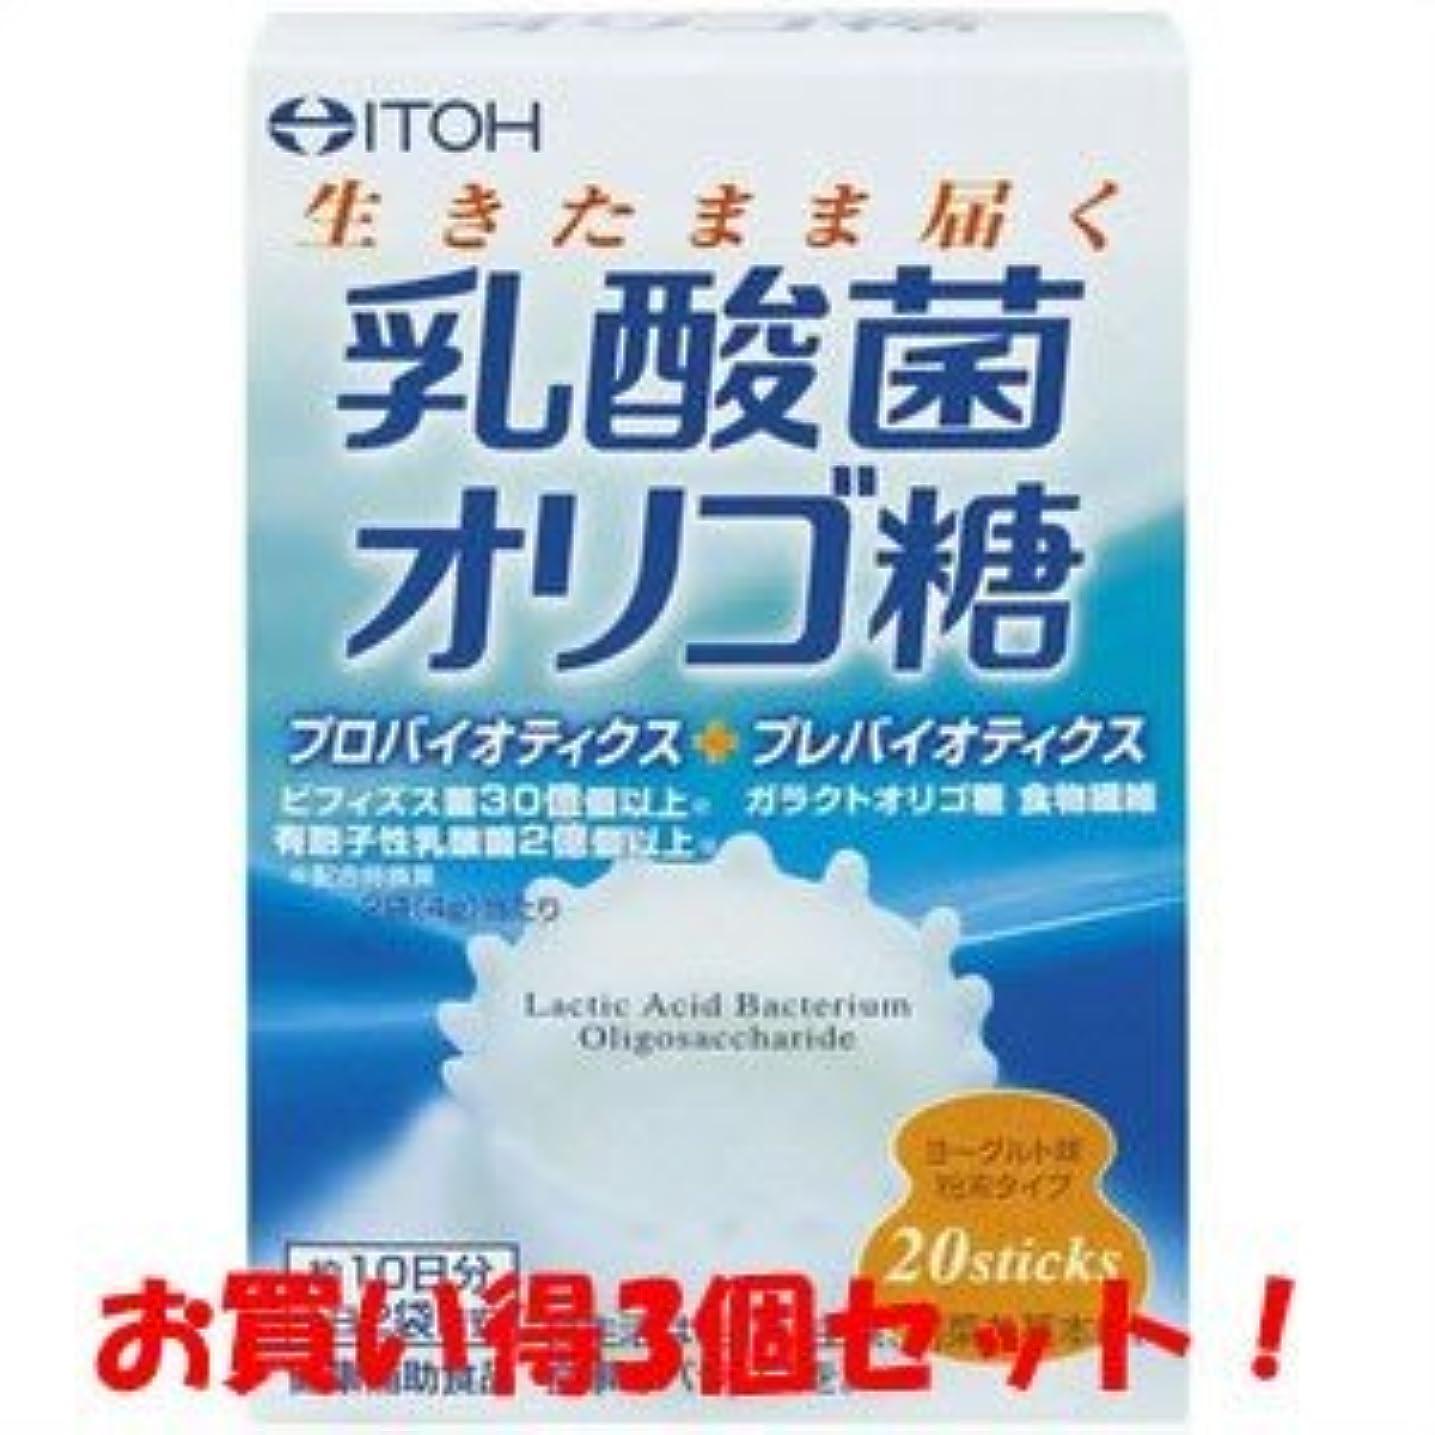 世界最大限生産的【井藤漢方製薬】乳酸菌オリゴ糖 40g(2g×20スティック)(お買い得3個セット)